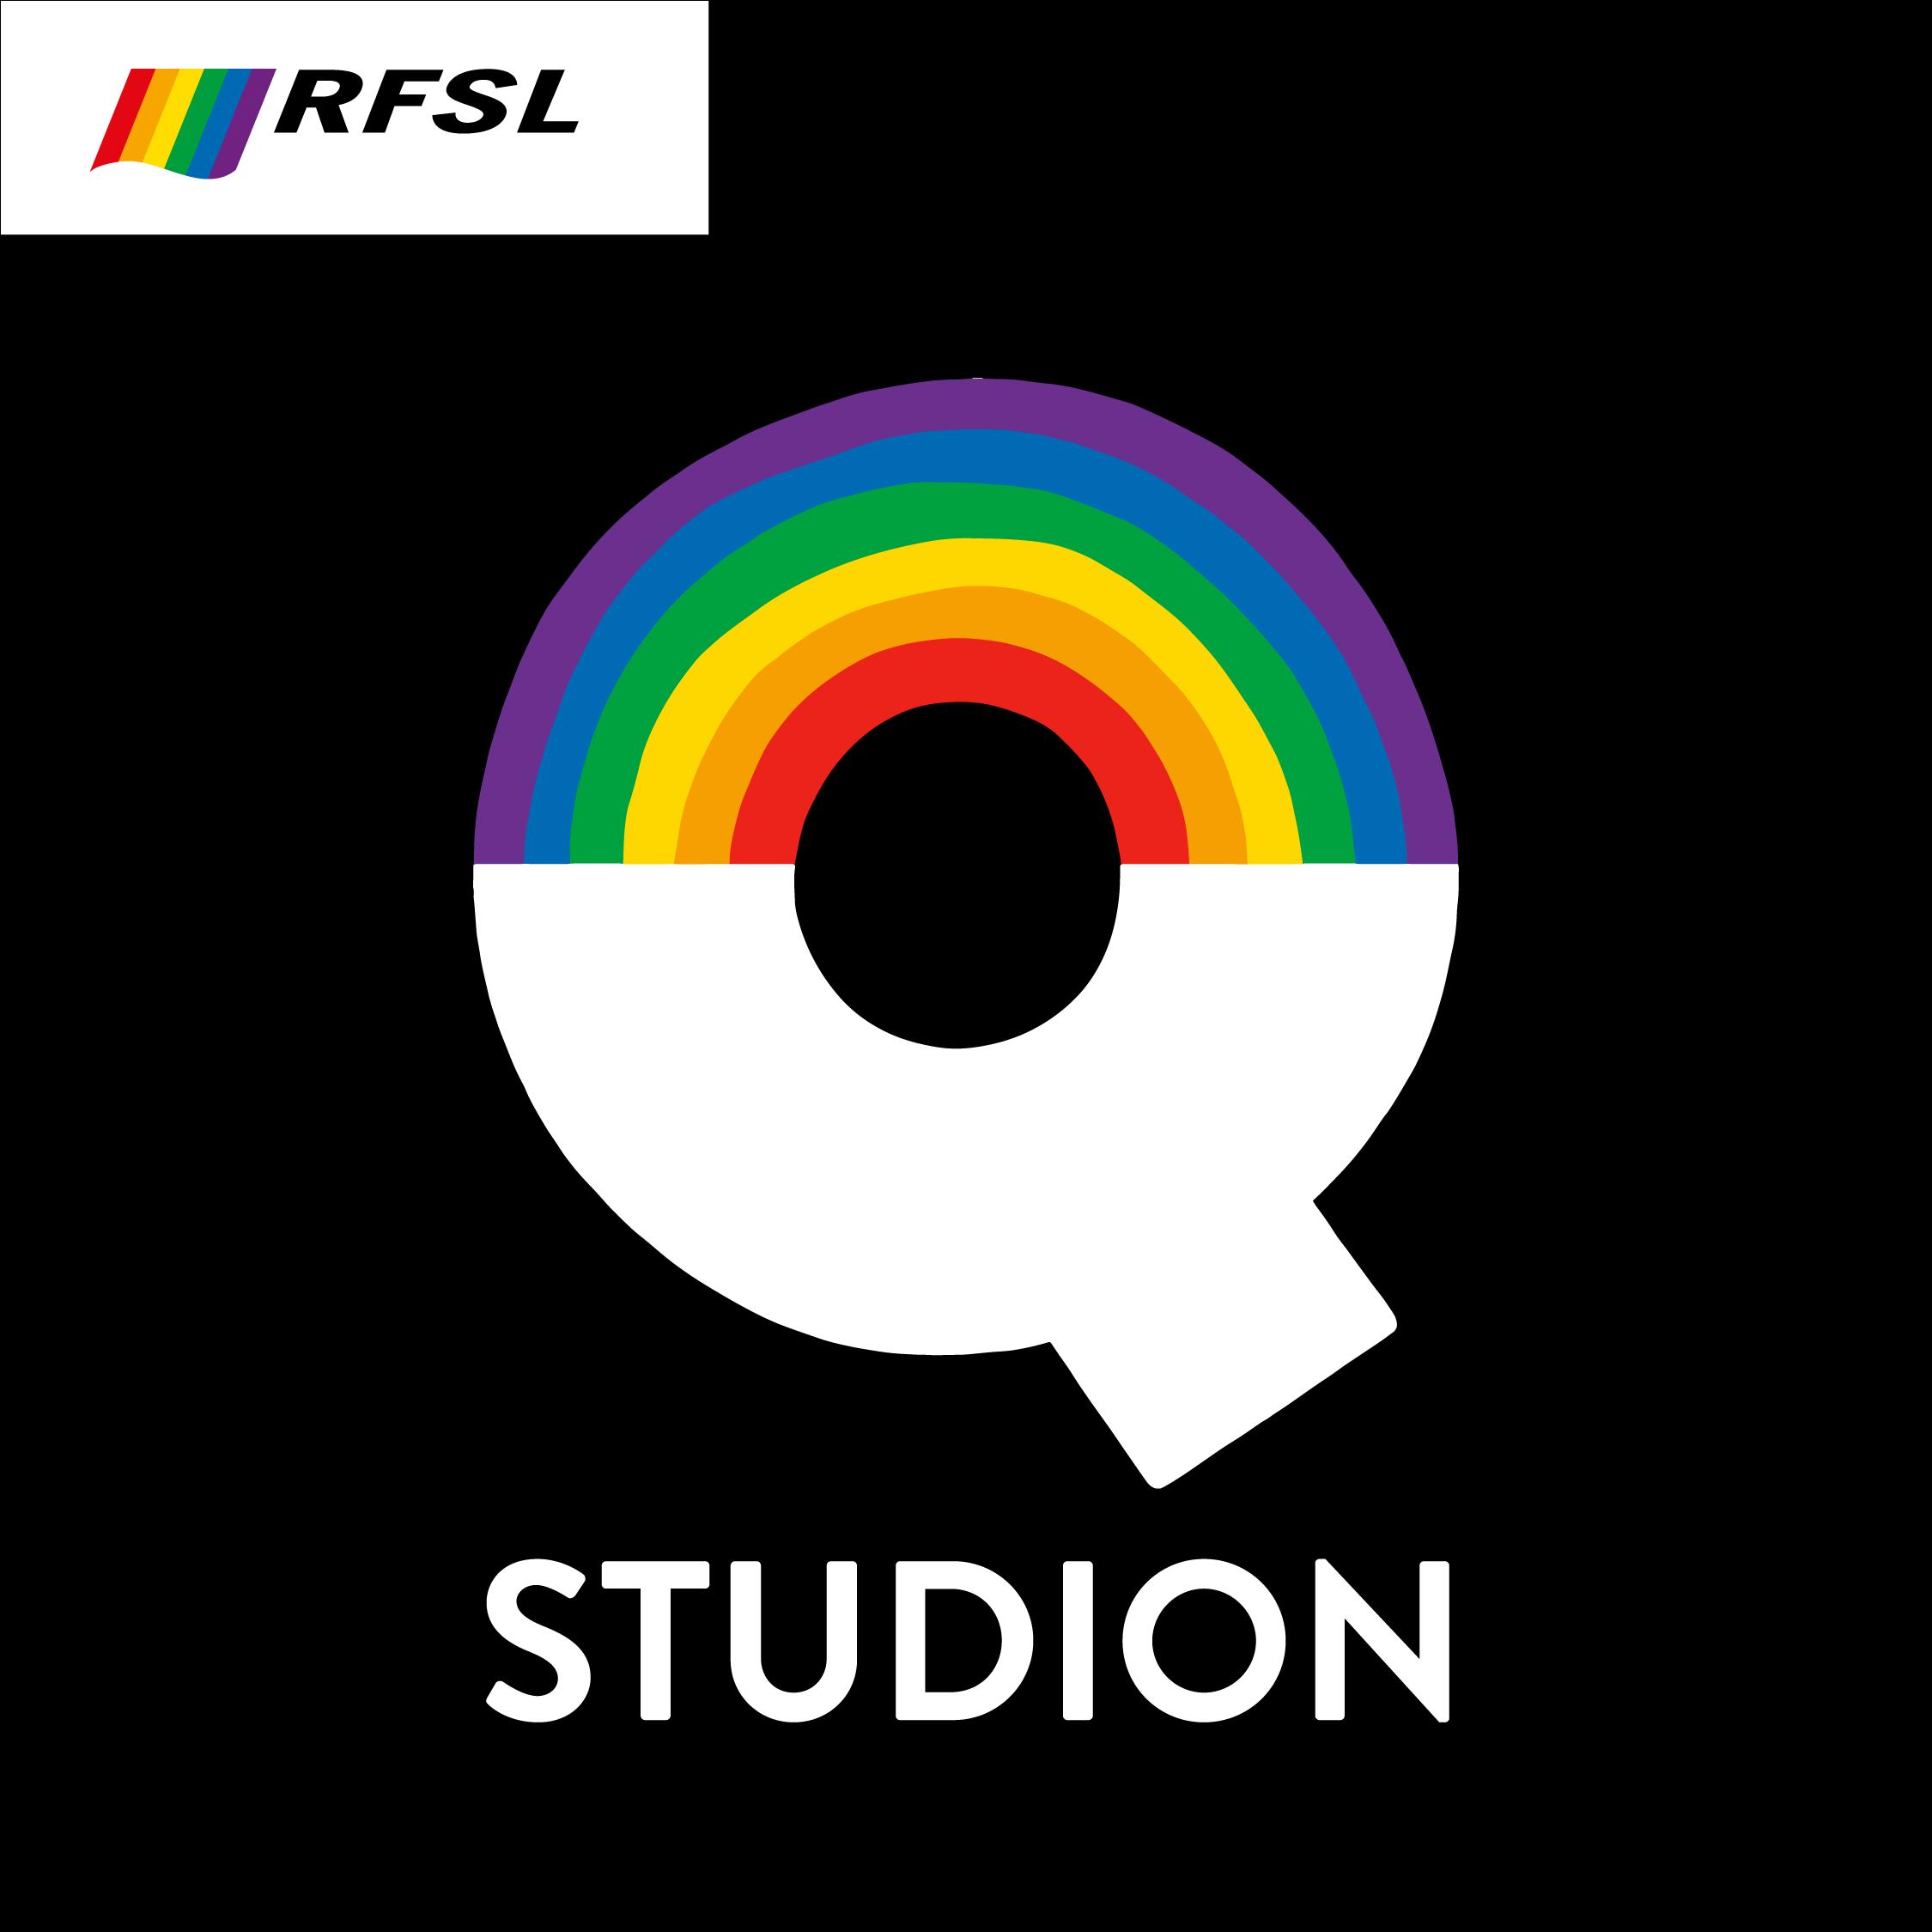 Q-Studion 8. Språk: Poesi, makt och banan-emojis!